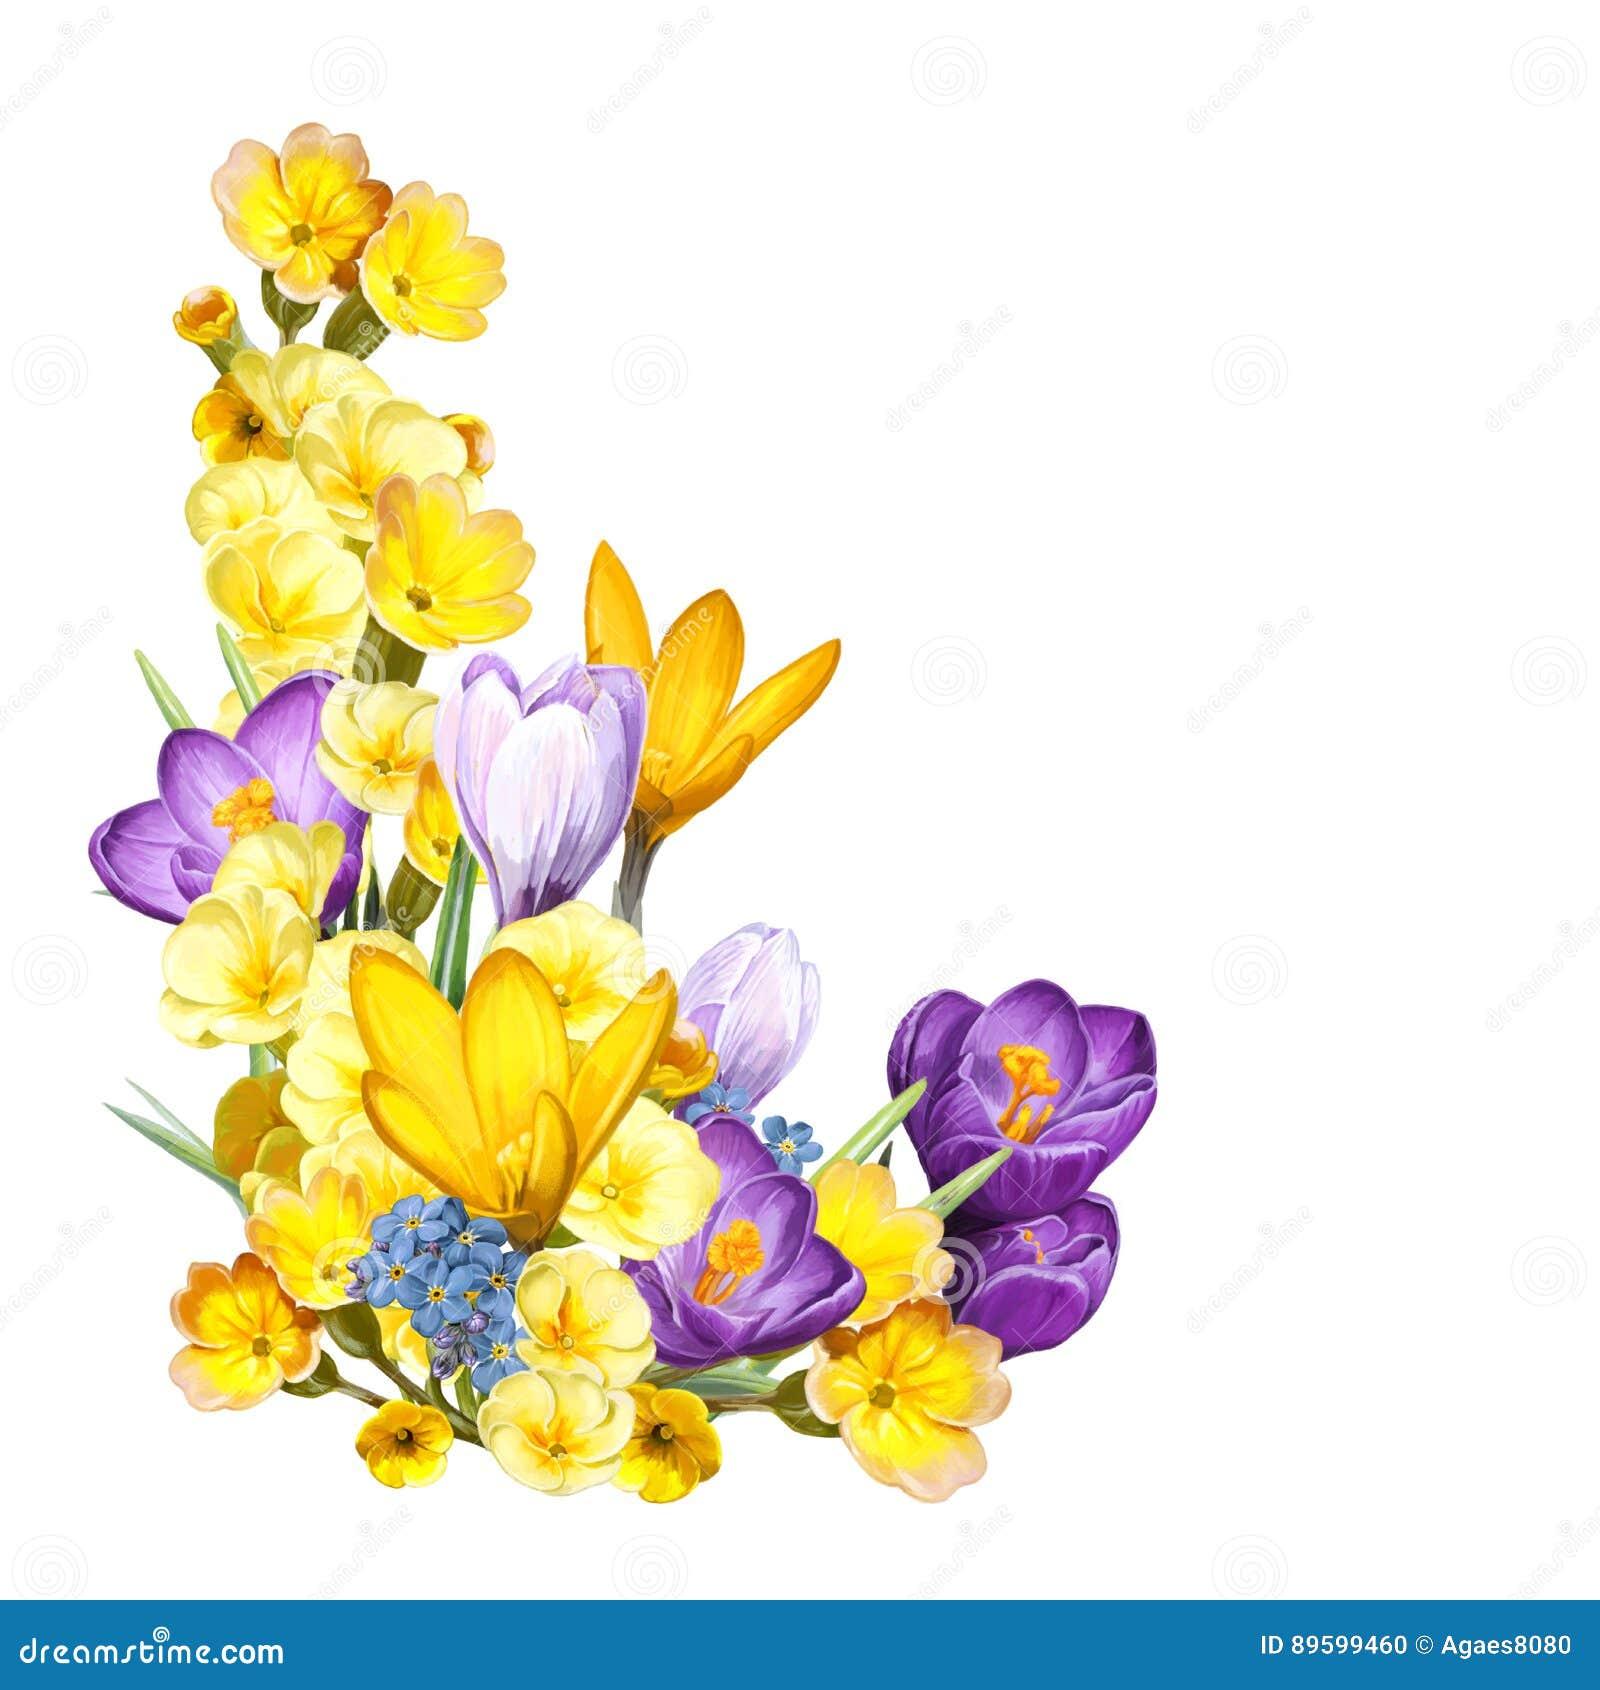 Σκηνή κινούμενων σχεδίων με τα όμορφα και ζωηρόχρωμα λουλούδια στο άσπρο υπόβαθρο